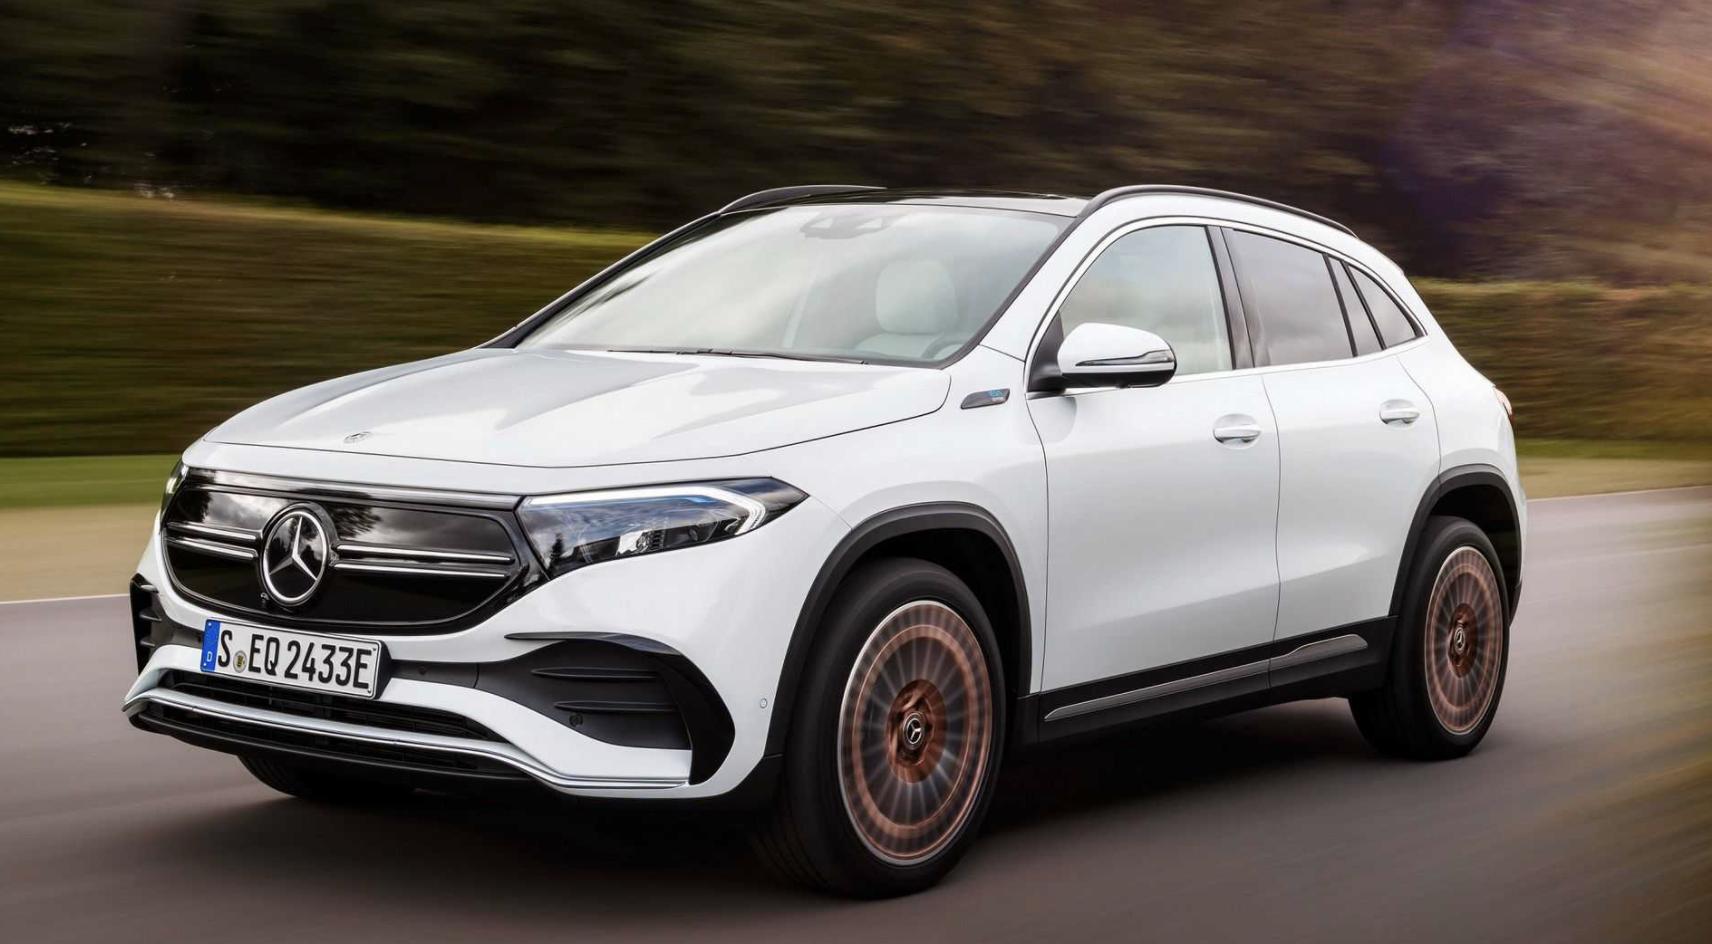 Гібридні та електричні Mercedes в Україні відтепер можна придбати в лізинг: як це працює